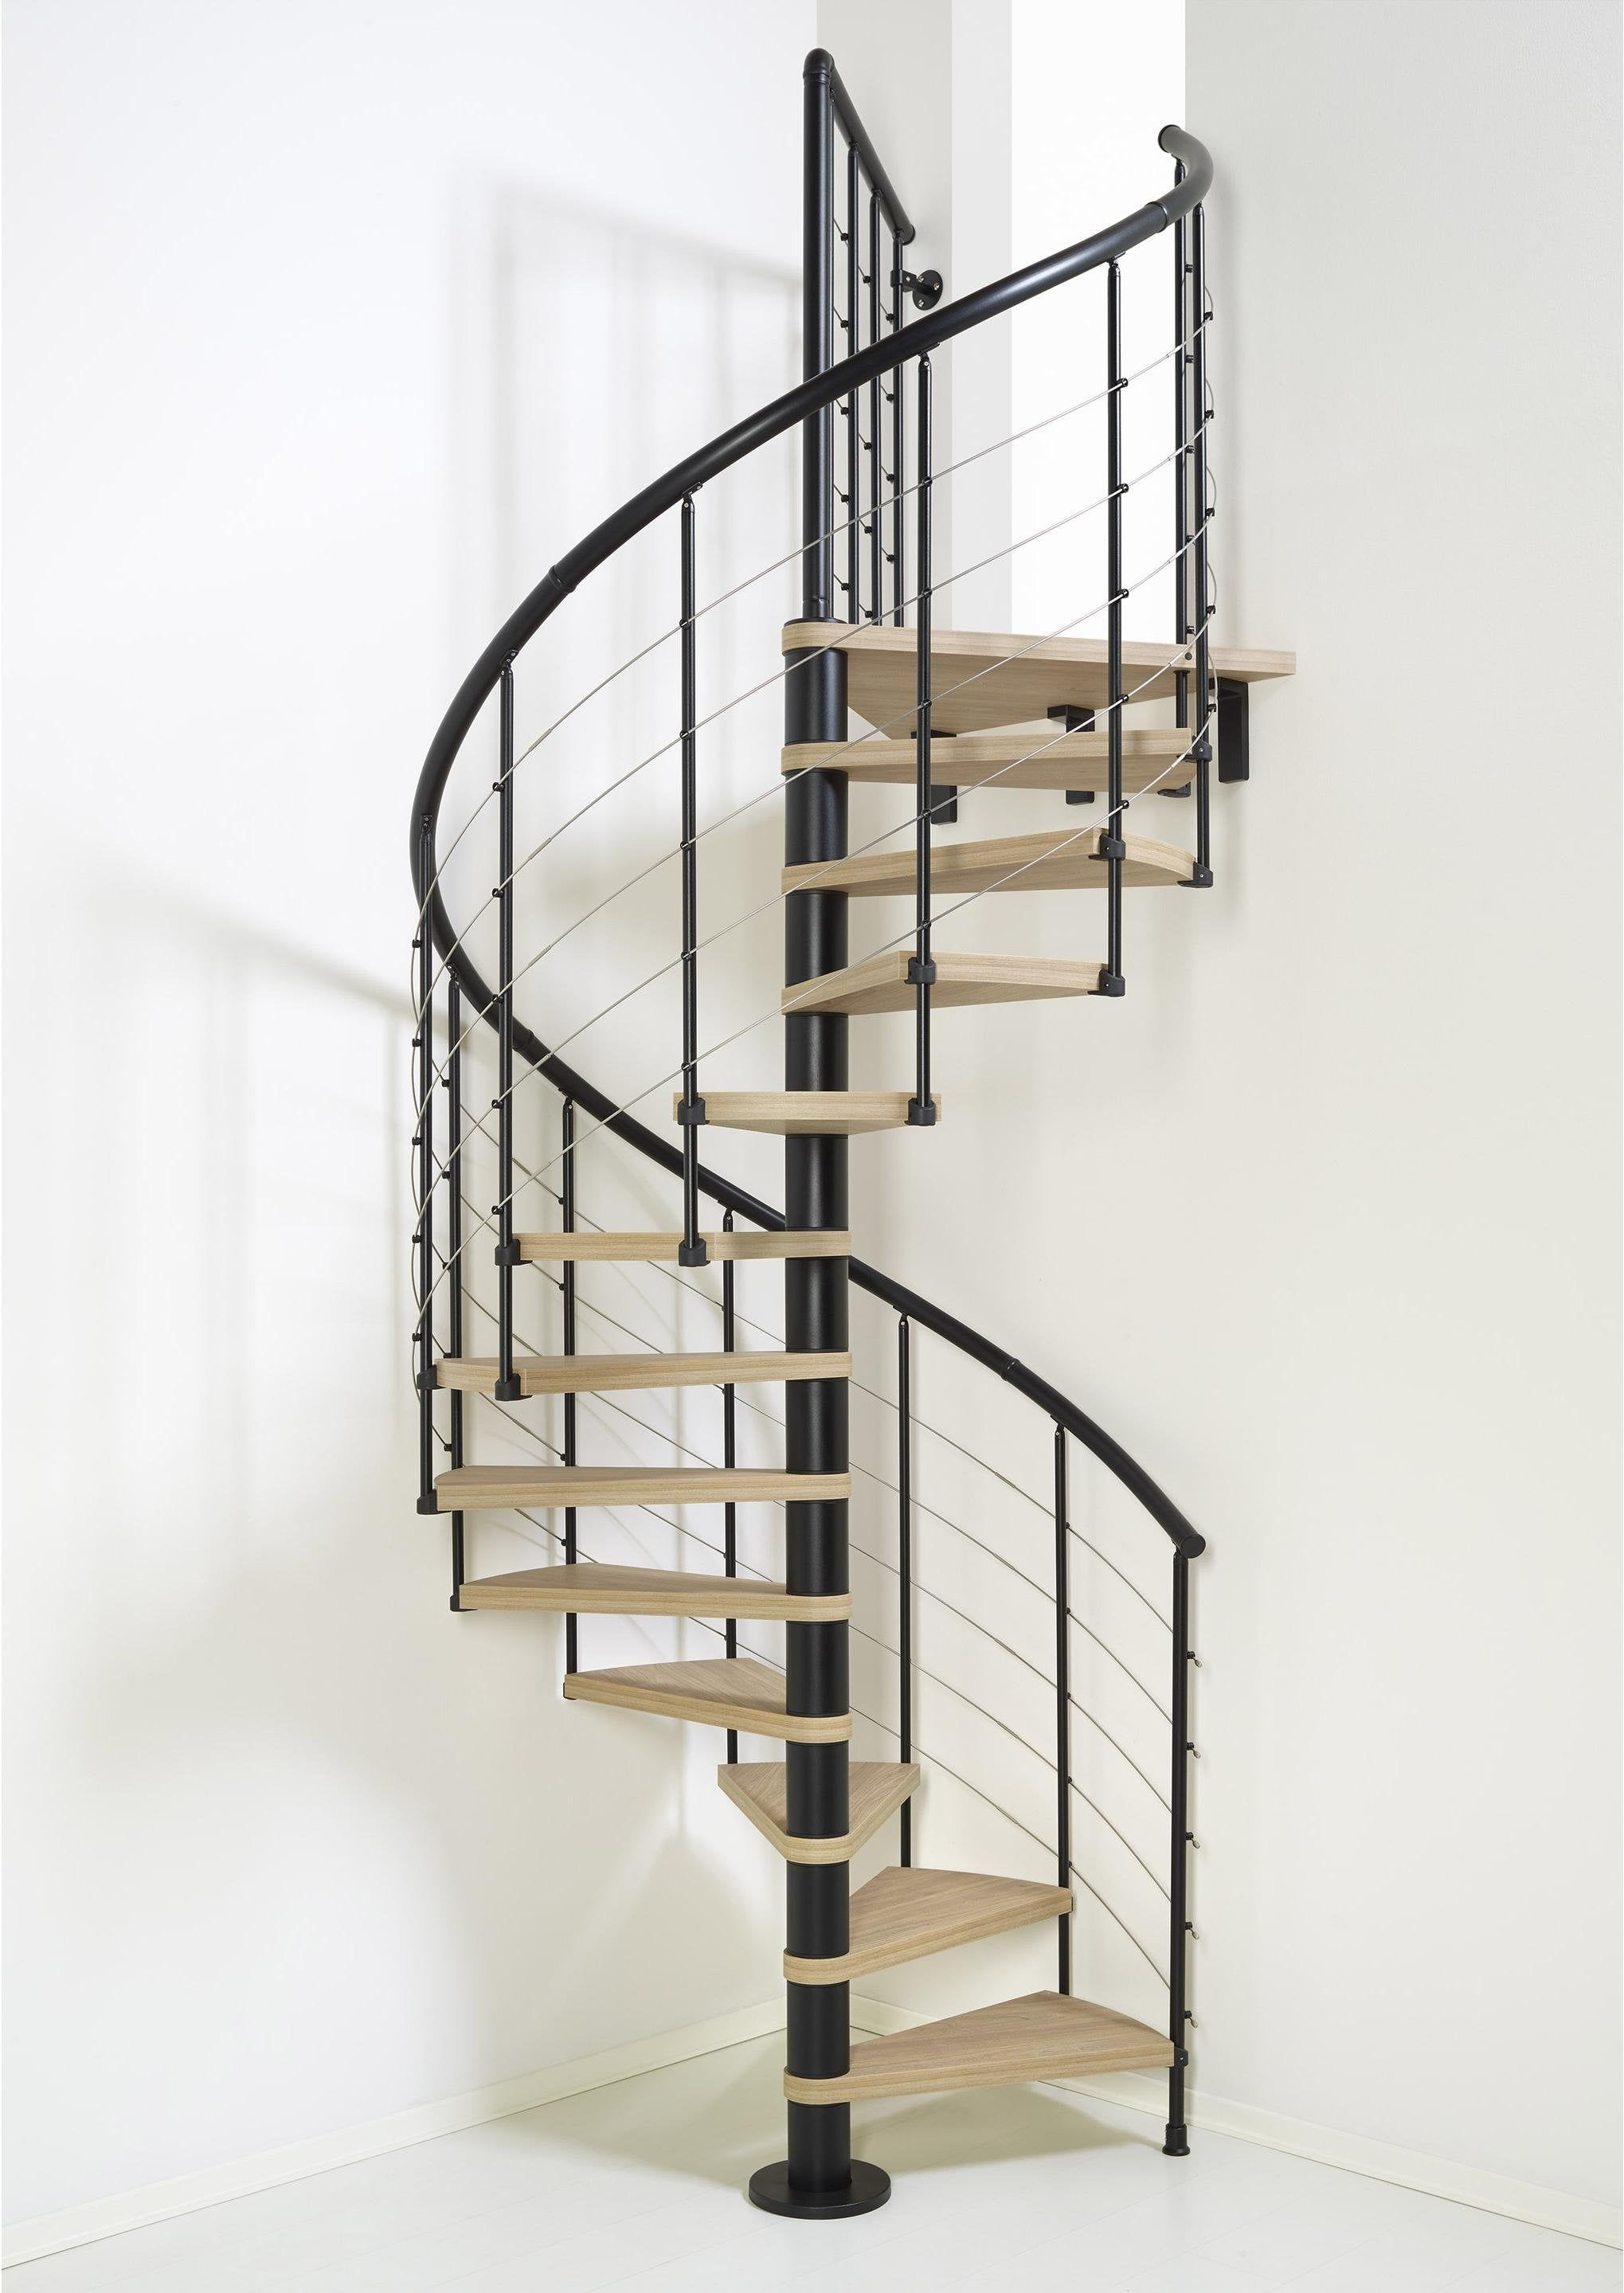 Escalier Colimacon Rond Revers Acier Noir Ring Tube 12 Mar Orme Clair 128 Cm Pixima Escalier En Colimacon Escaliers Ronds Escalier